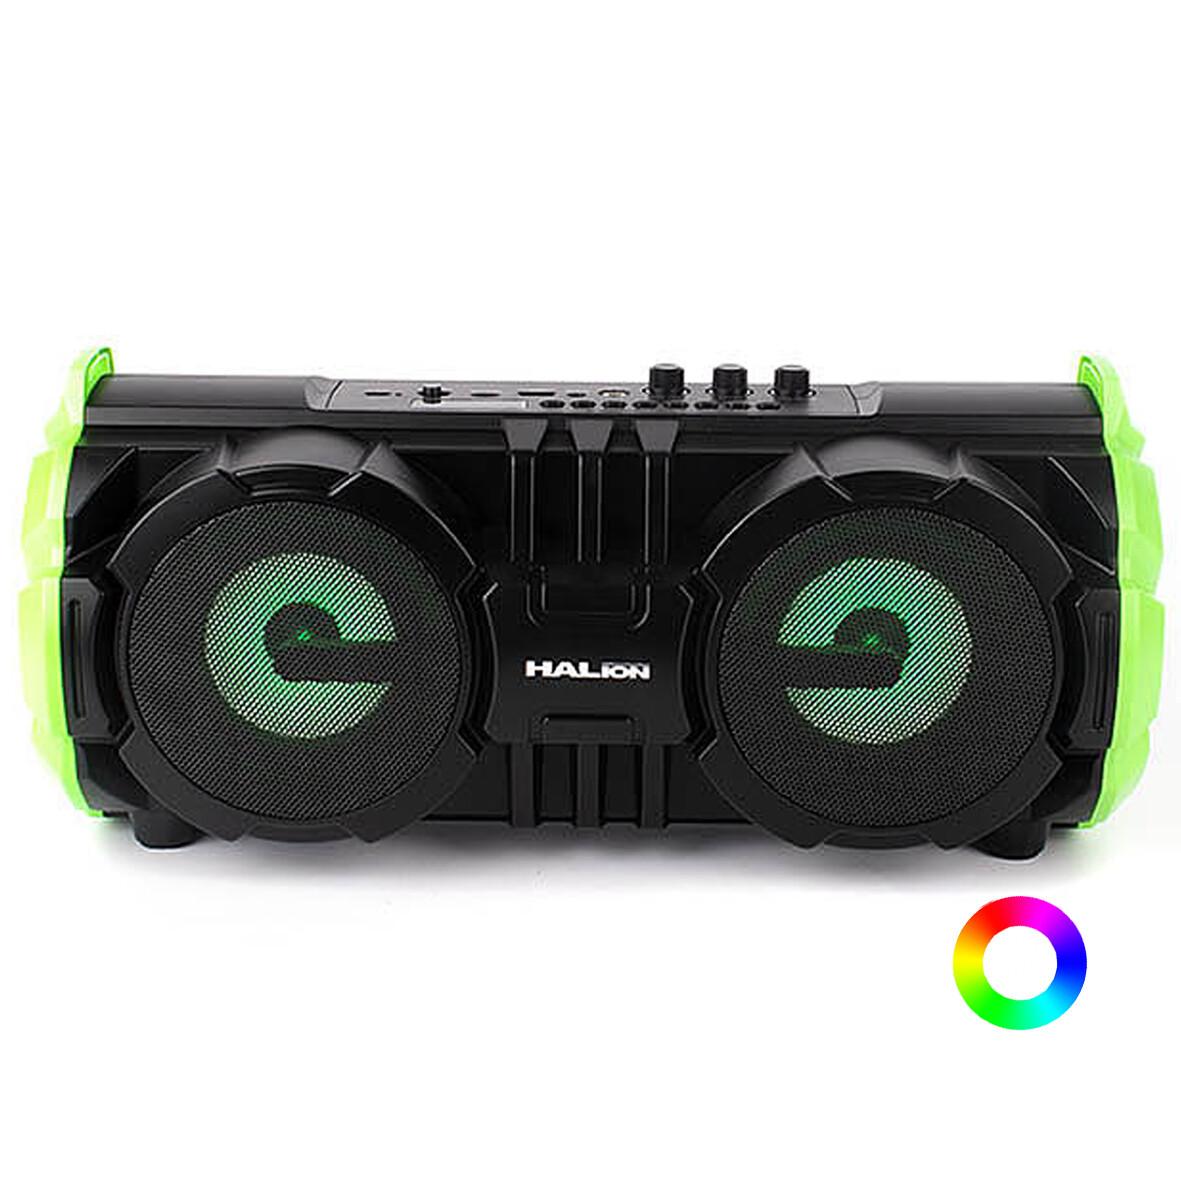 RADIO PARLANTE PORTATIL BLUETOOTH | FM | USB | TF CARD | RGB |  HALION HA-R39 100W